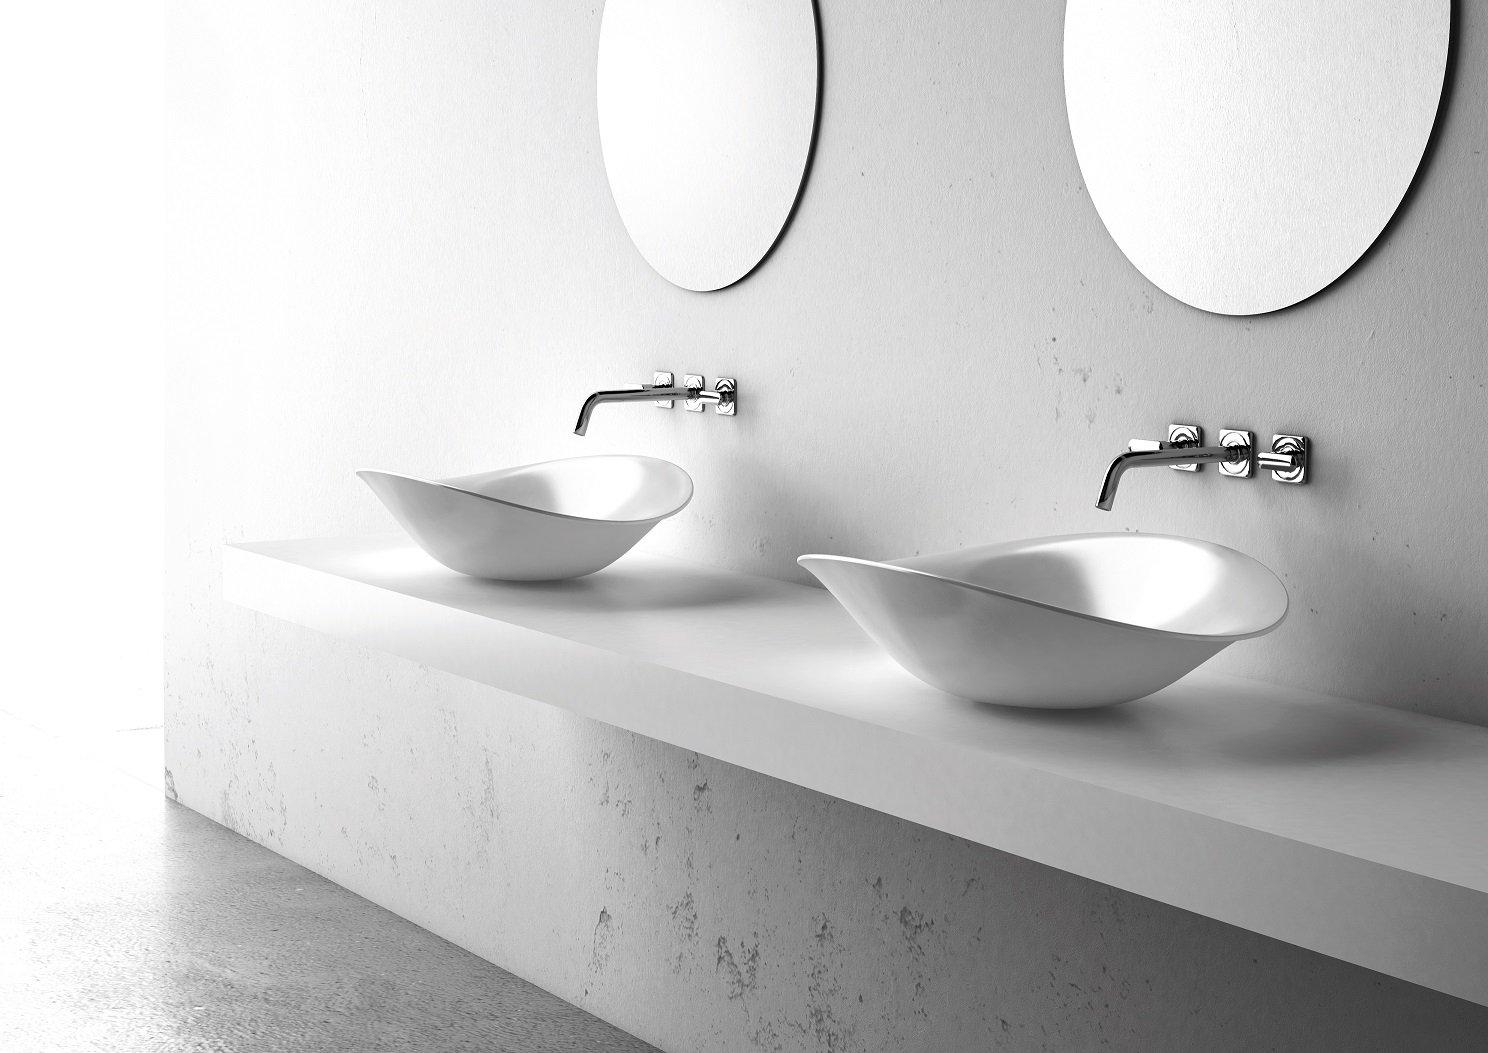 exkluzív mosdó Három fürdőszobai kincs. Ilyenek a luxus mosdók! | Lakásművészet exkluzív mosdó